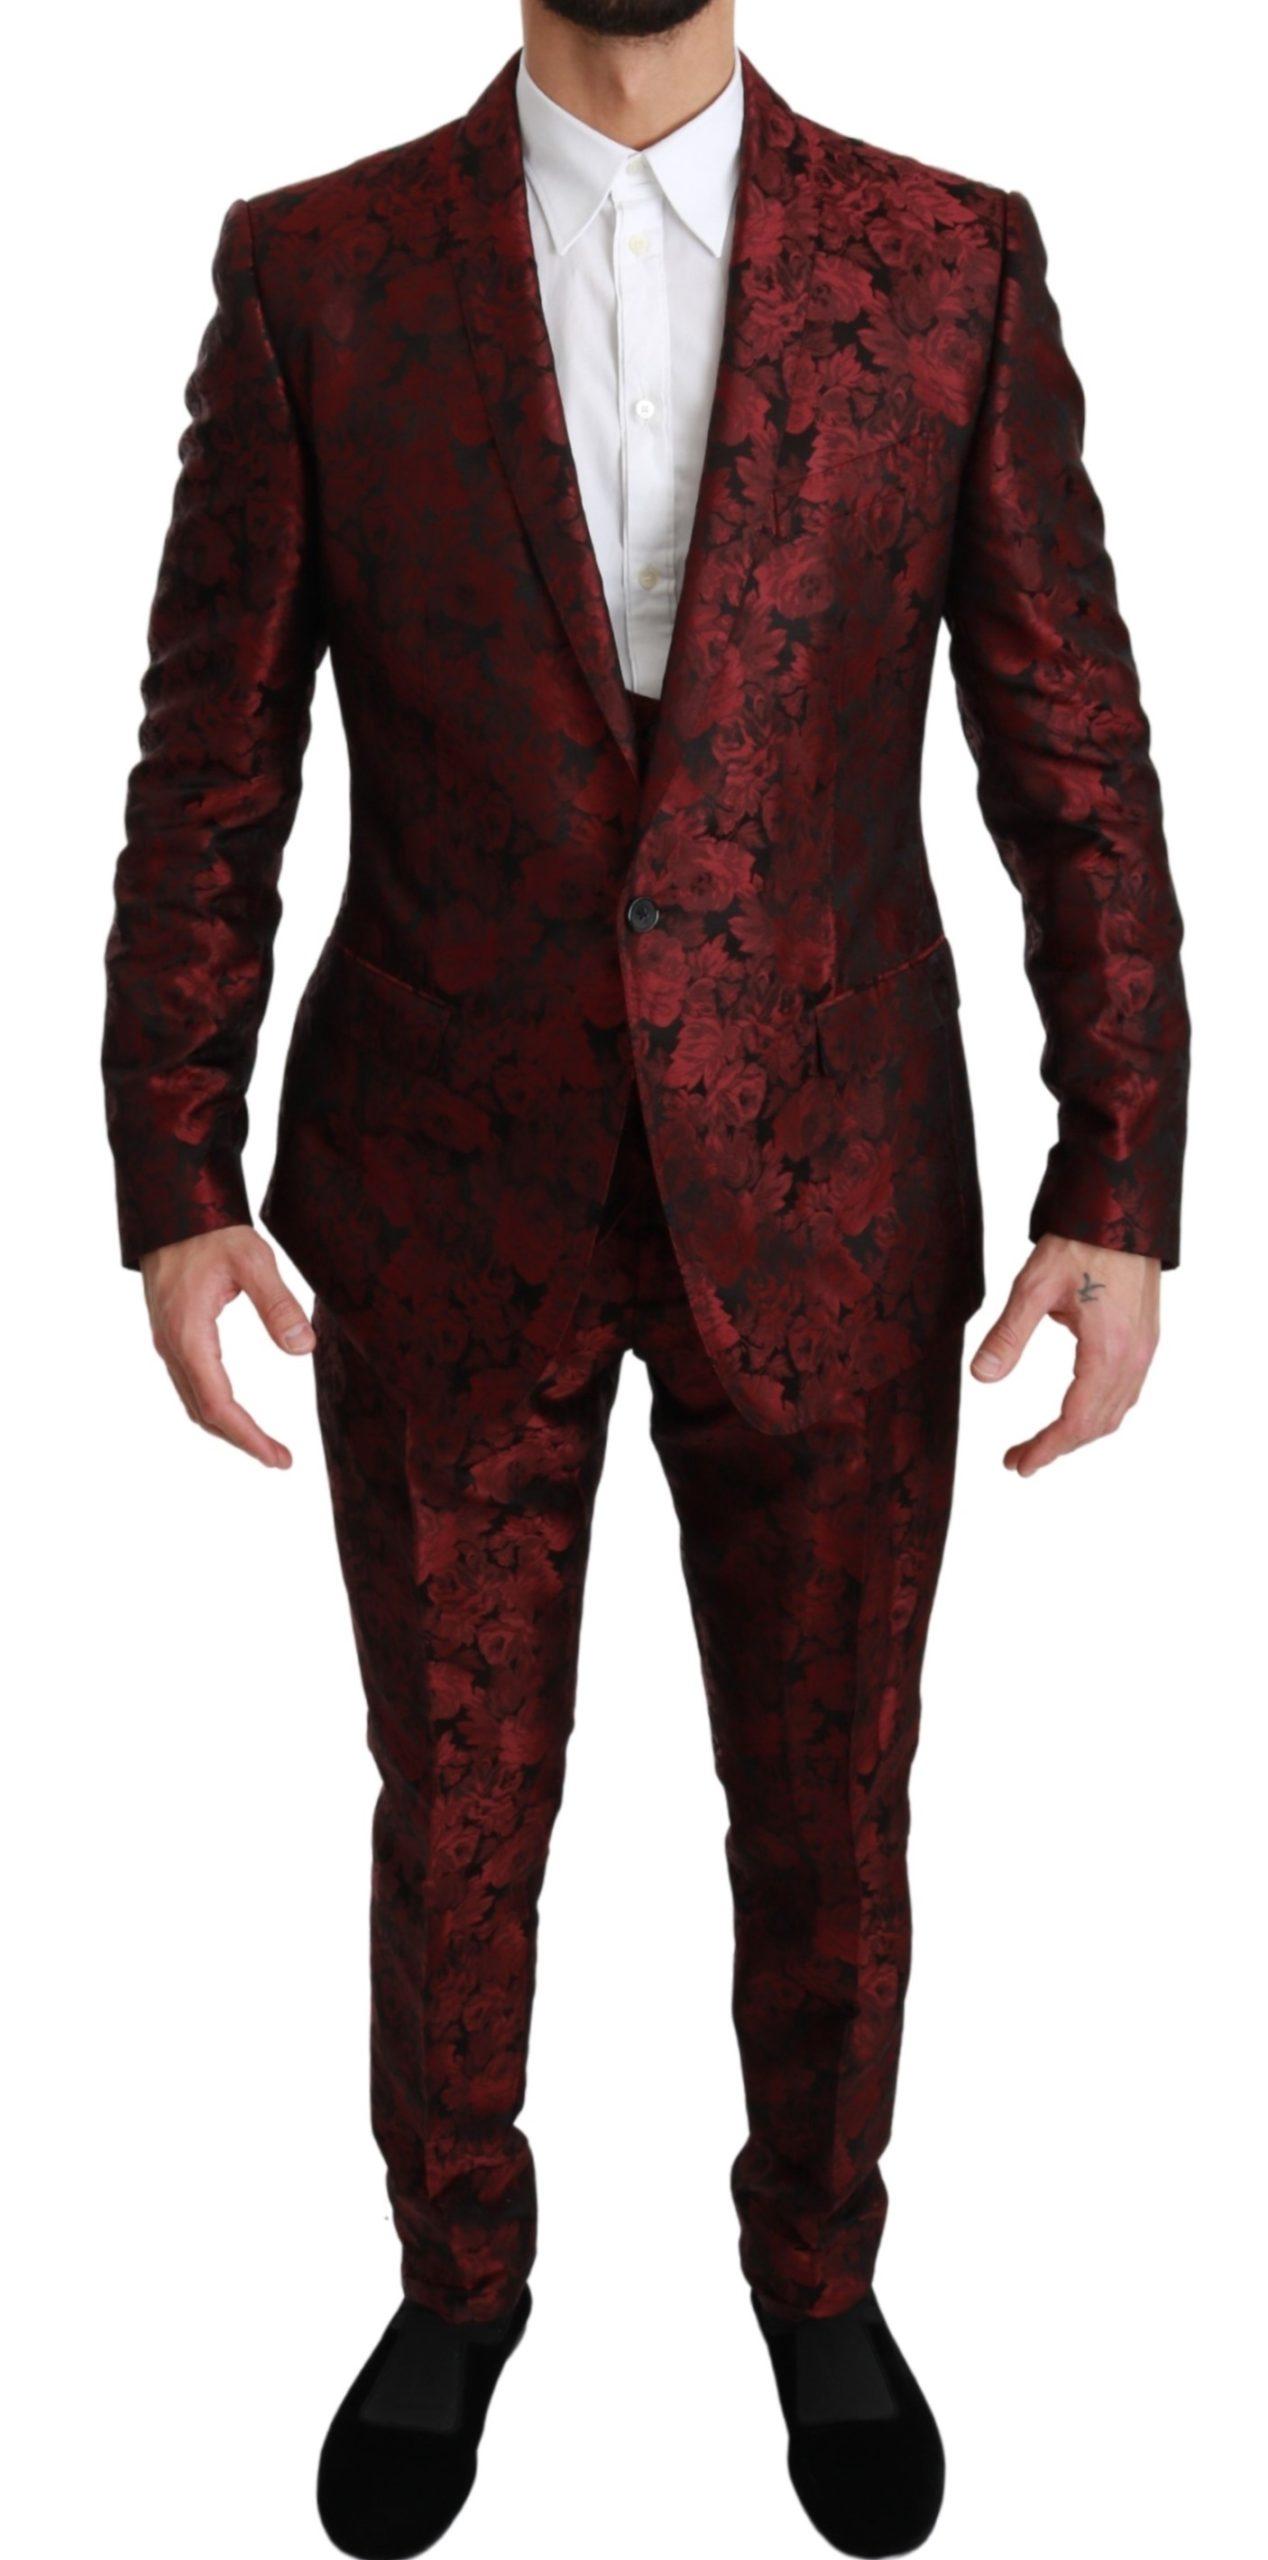 Dolce & Gabbana Men's MARTINI Floral Silk 3 Piece Suit Bordeaux KOS1666 - IT50 | L